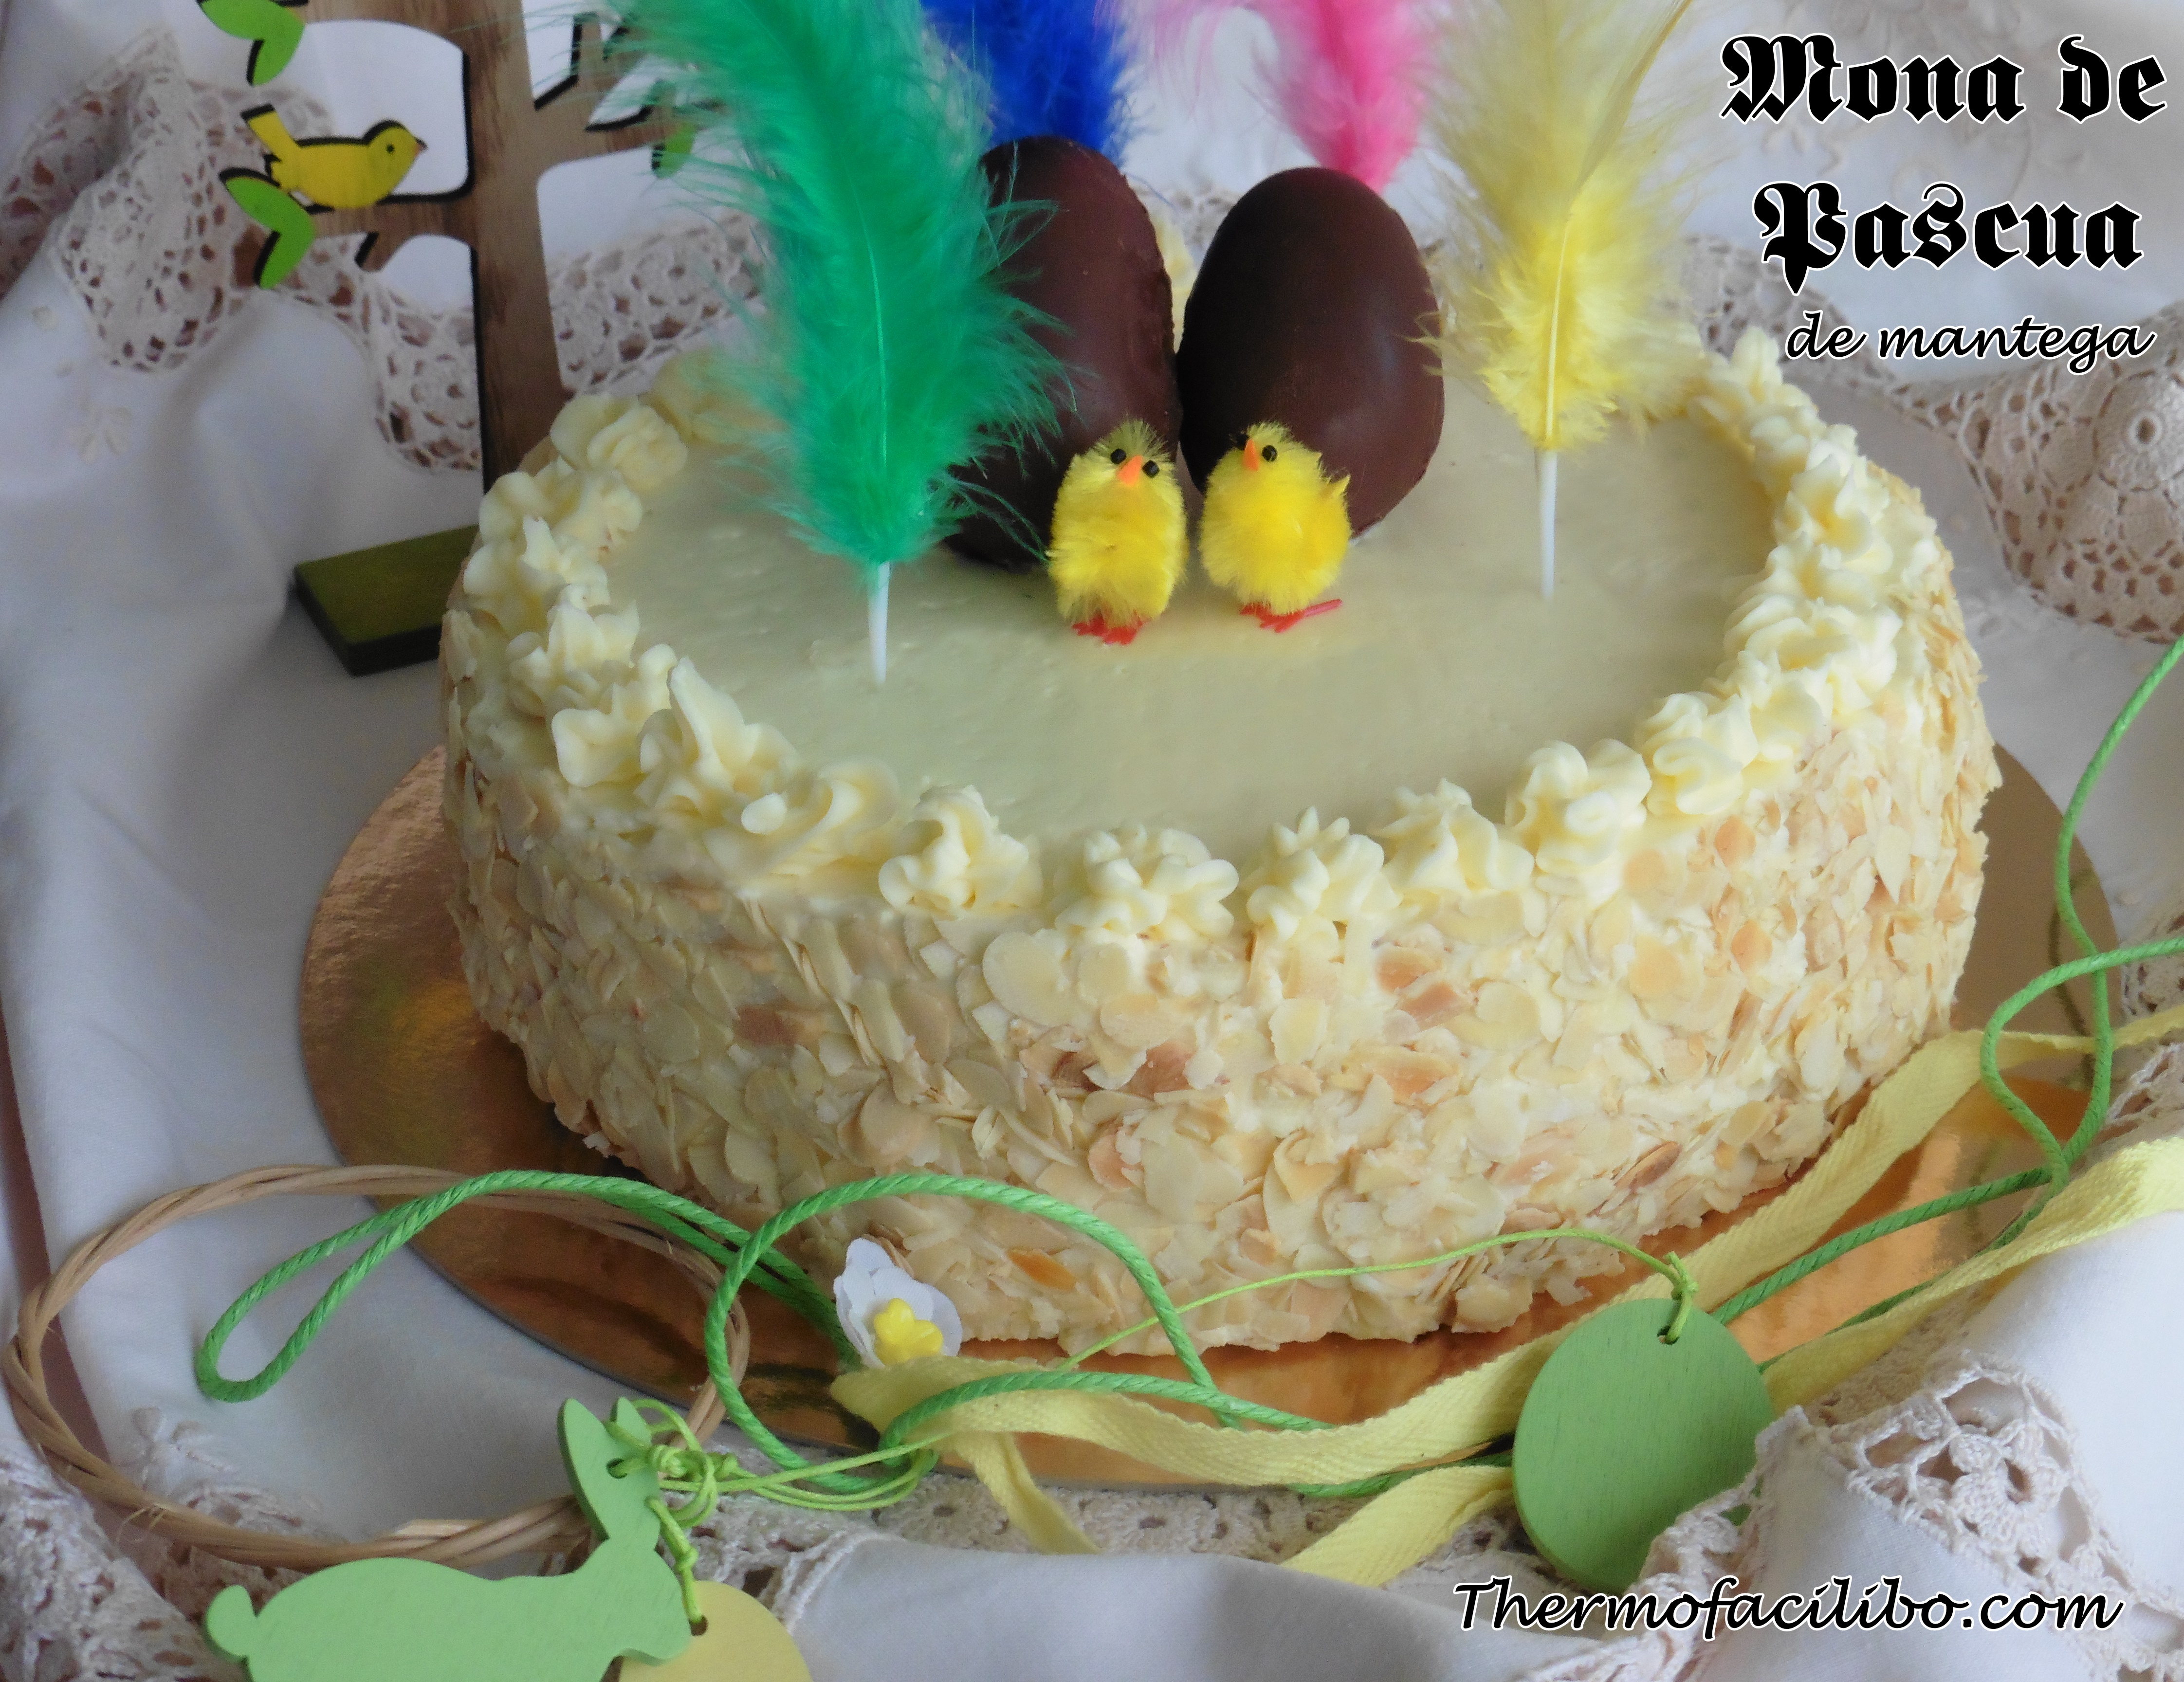 Mona de Pasqua de mantega.2